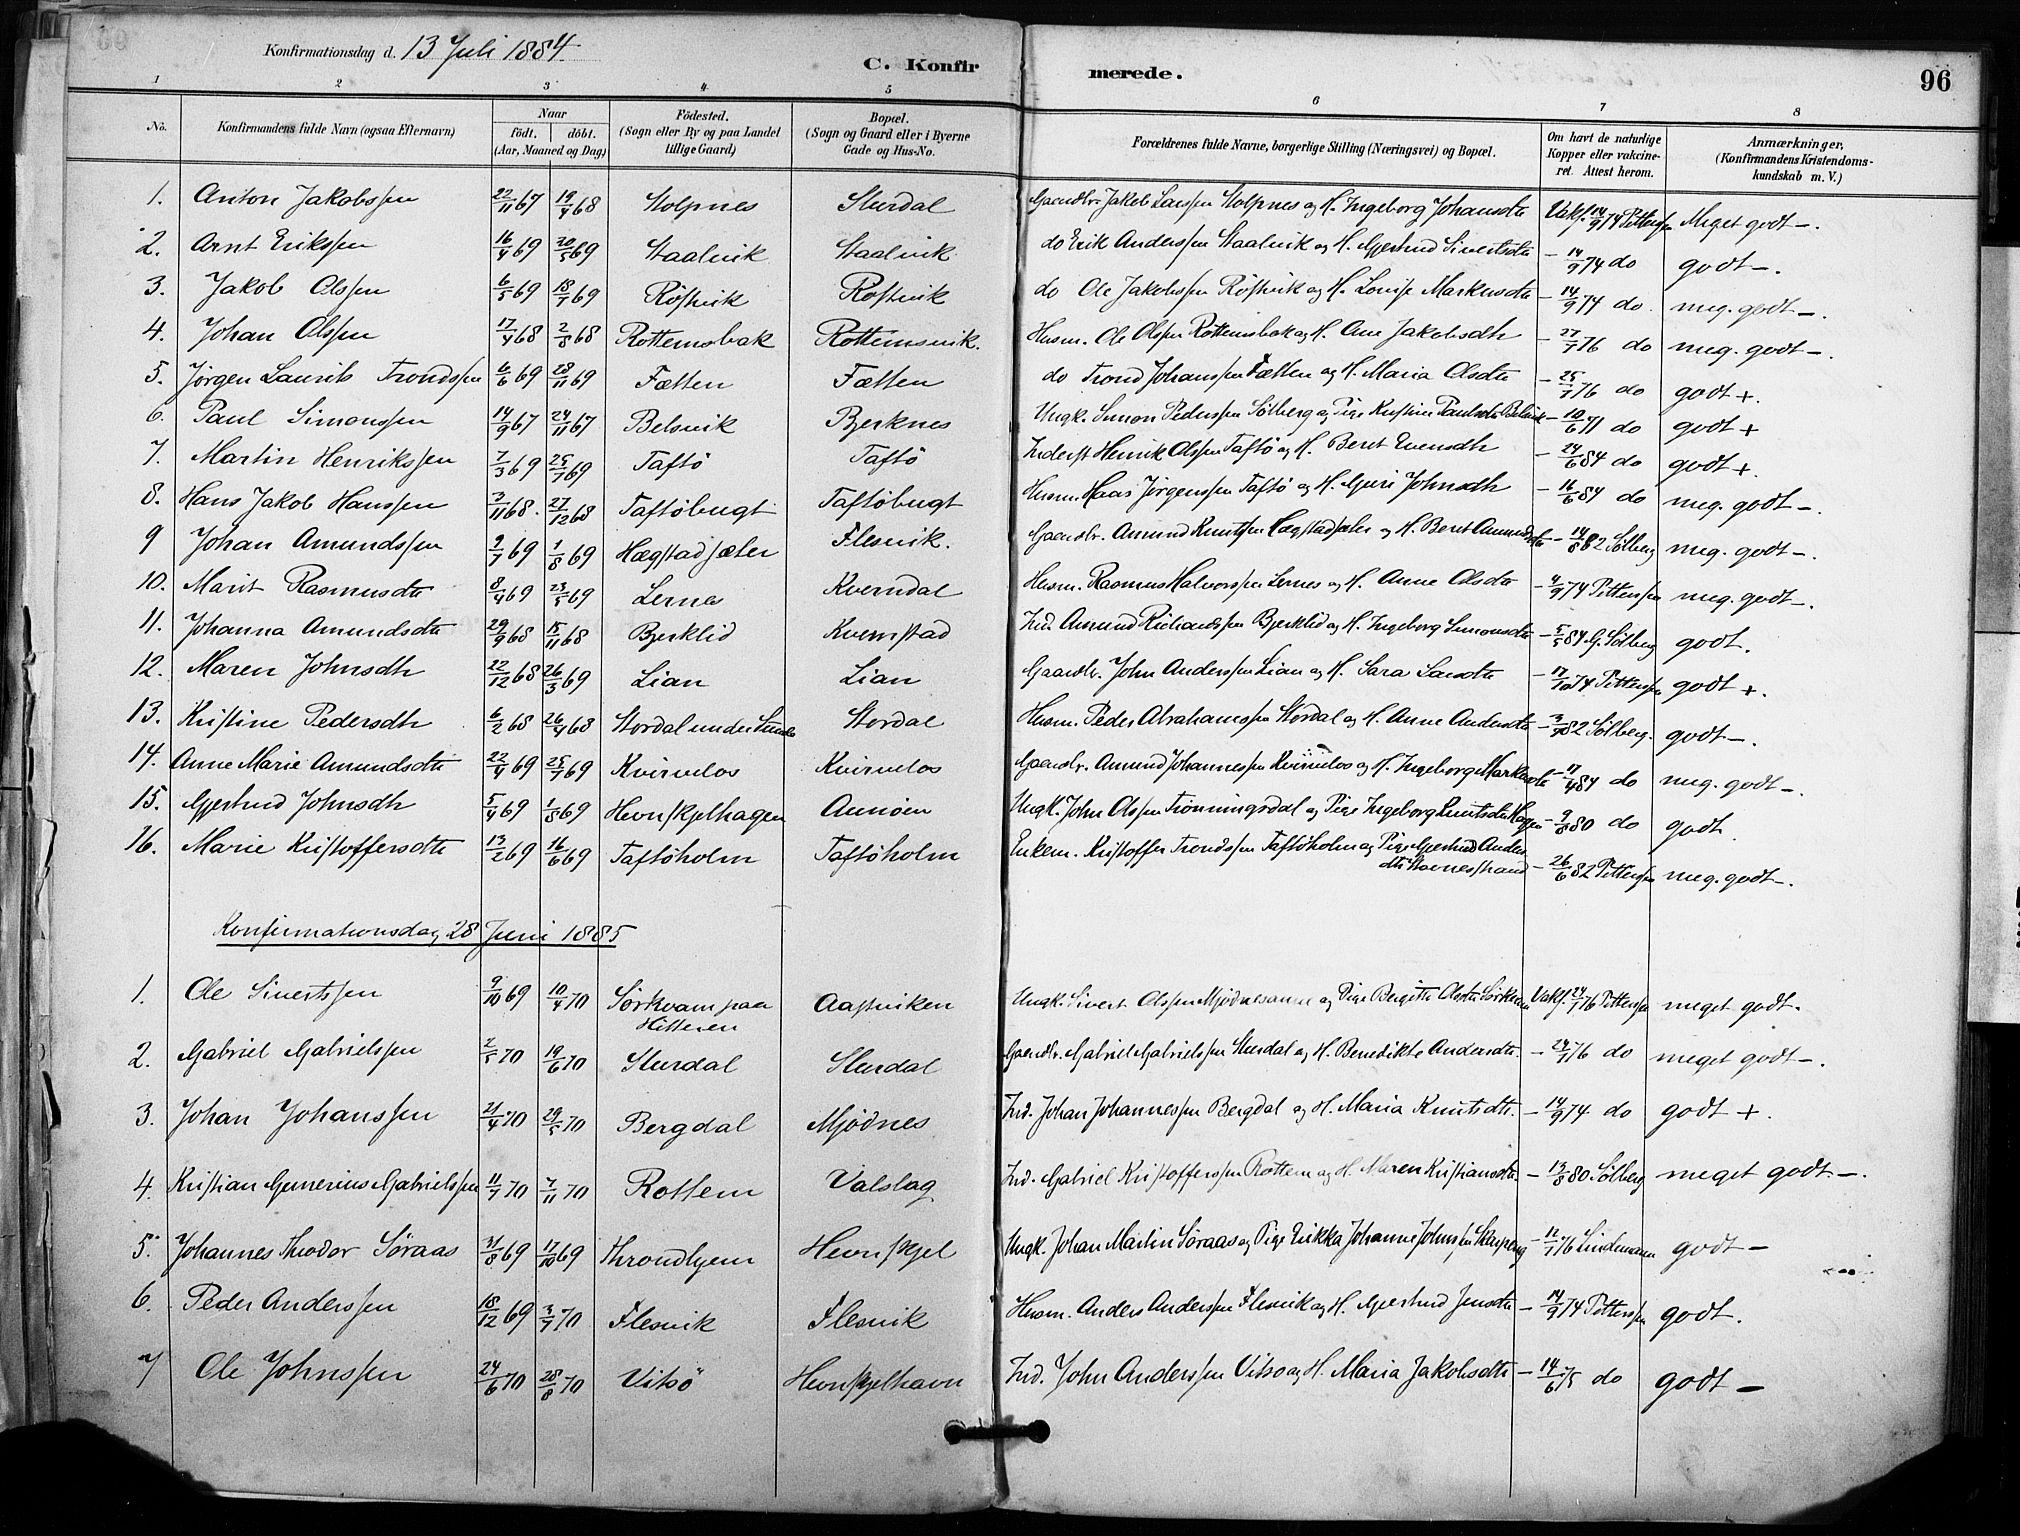 SAT, Ministerialprotokoller, klokkerbøker og fødselsregistre - Sør-Trøndelag, 633/L0518: Ministerialbok nr. 633A01, 1884-1906, s. 96